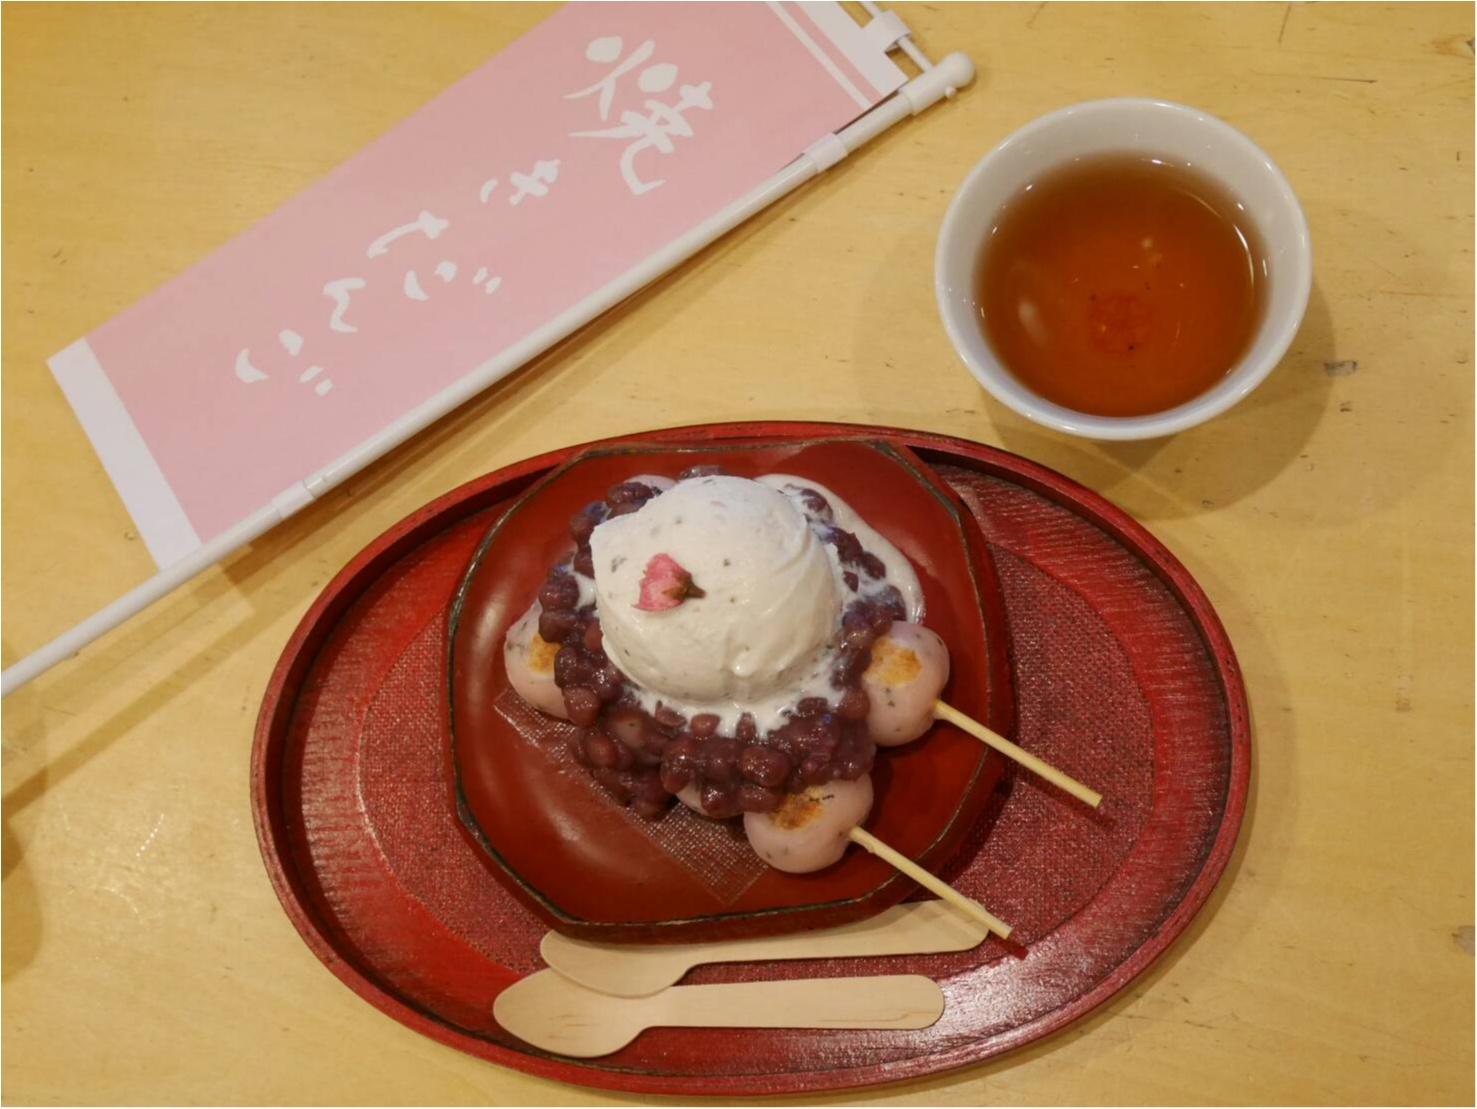 花より団子!≪恵比寿にある白熊で有名な「JAPANESE ICE OUCA」の今の時期だけ食べられるお団子≫ _4